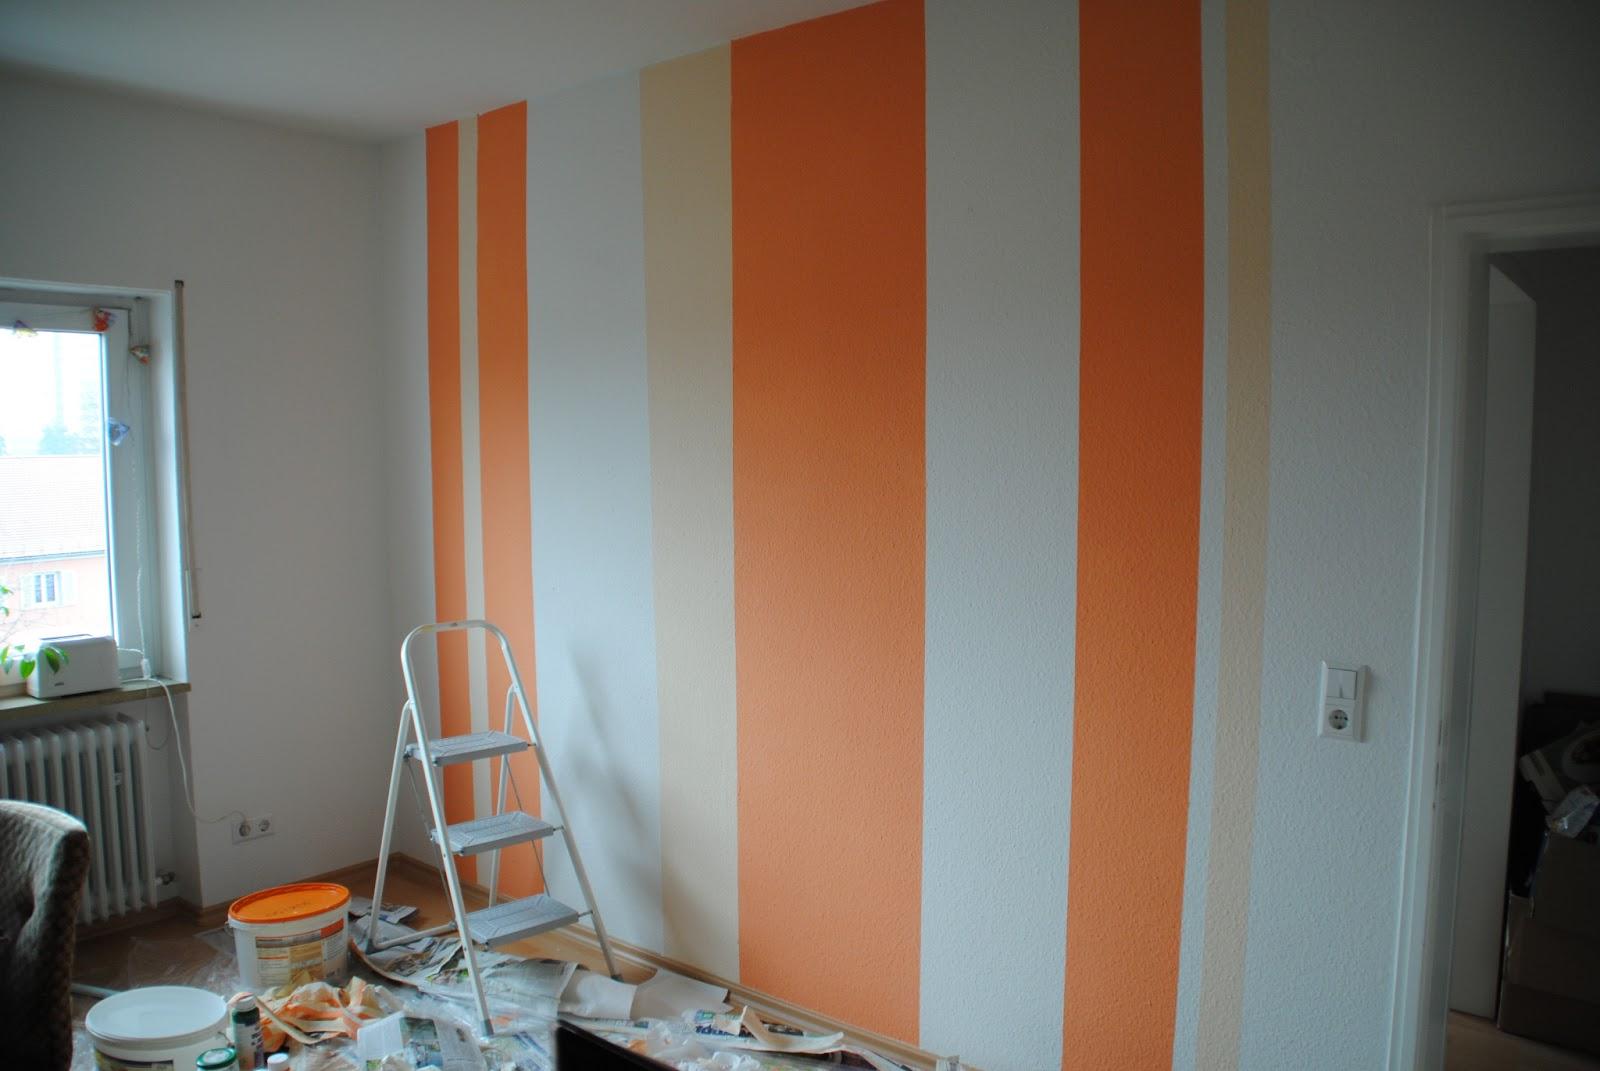 Wohnzimmer Ideen Wandgestaltung Streifen   Schlafzimmer Wie Streichen